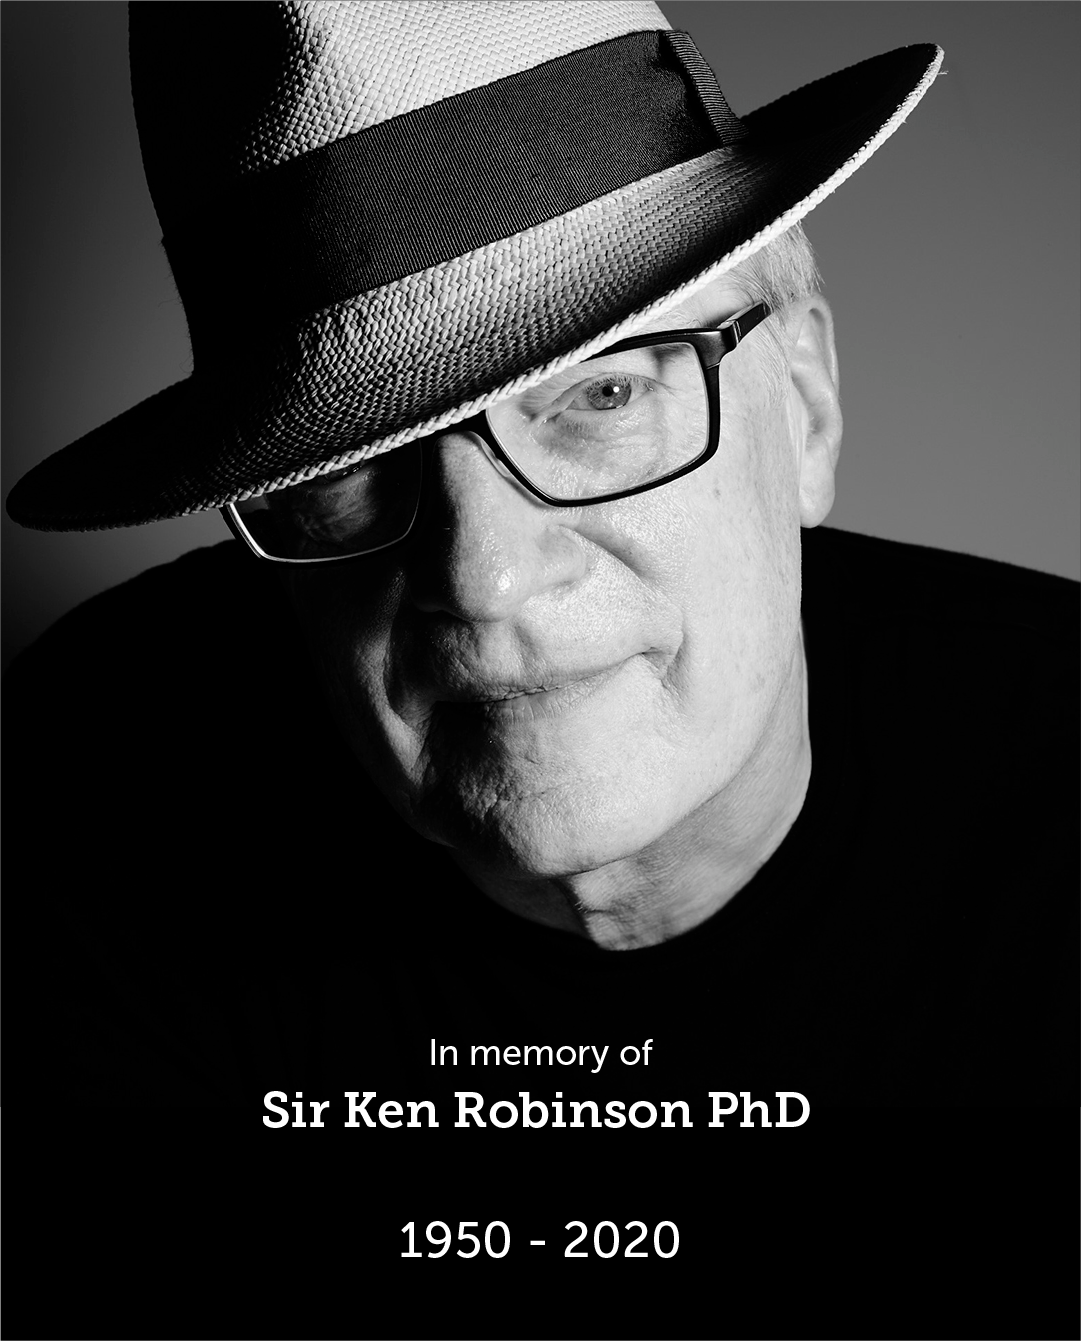 In memory of Sir Ken Robinson PhD, 1950 - 2020